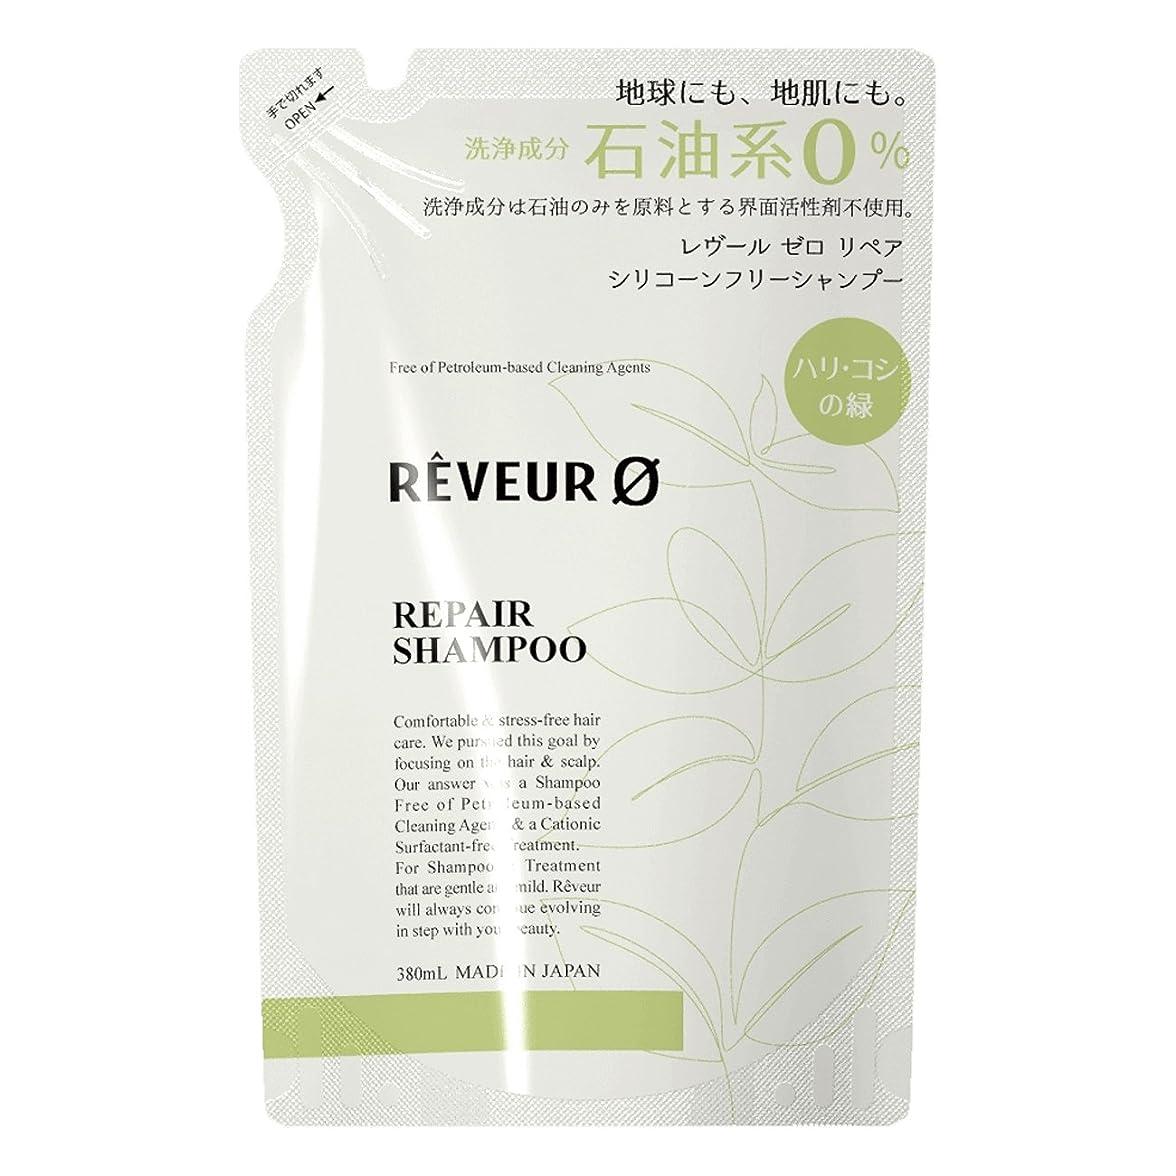 クリアビタミン活性化Reveur0(レヴール ゼロ) リペア シリコーンフリー シャンプー 〈詰替〉 (380mL)